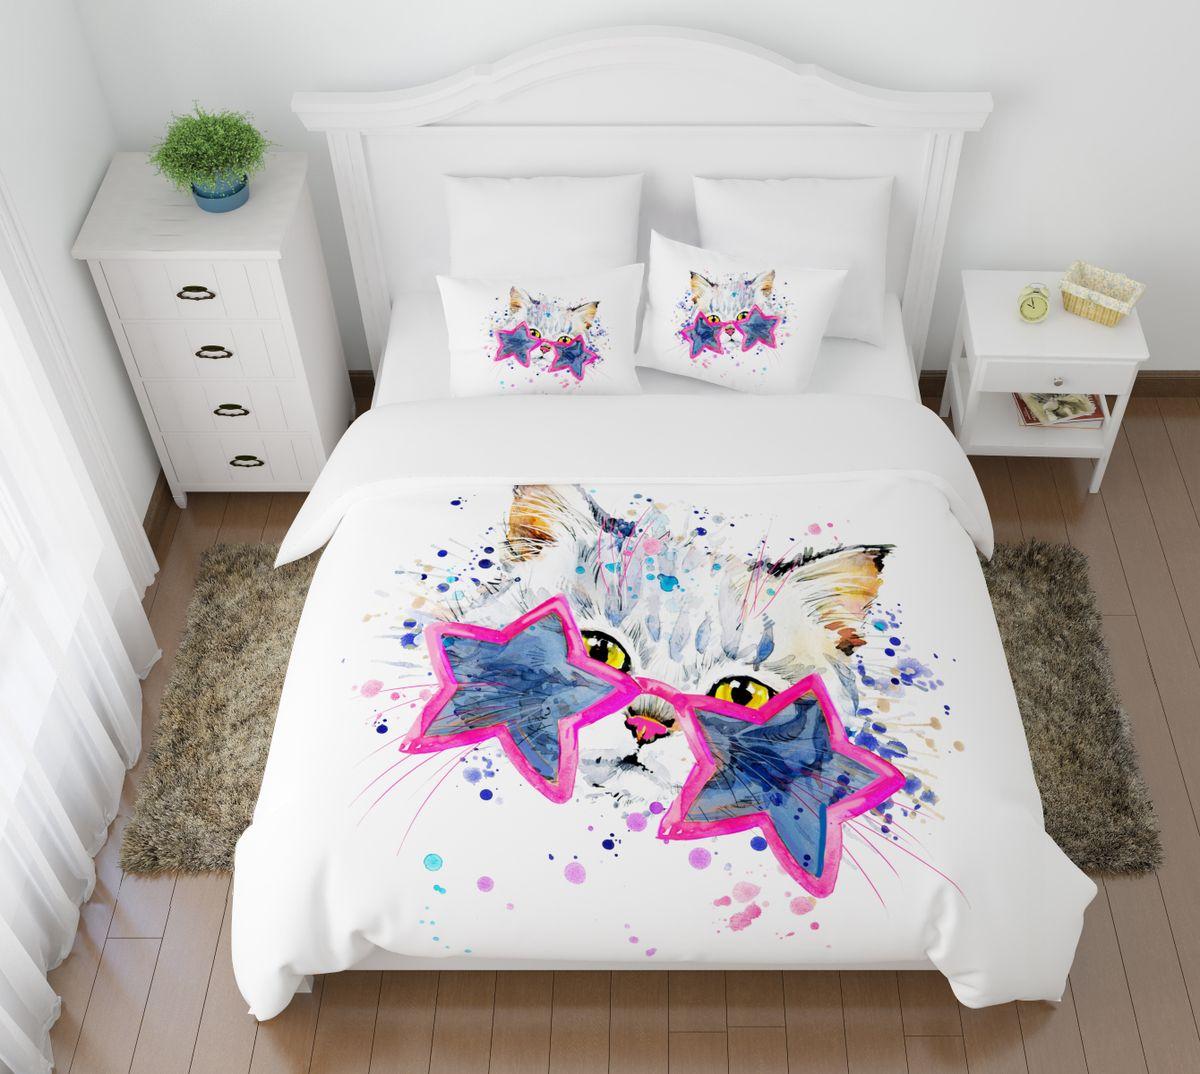 Комплект белья Сирень Звездный кот, семейный, наволочки 50х70, 70х70S03301004Комплект постельного белья Сирень выполнен из прочной и мягкой ткани. Четкий и стильный рисунок в сочетании с насыщенными красками делают комплект постельного белья неповторимой изюминкой любого интерьера.Постельное белье идеально подойдет для подарка. Идеальное соотношение смешенной ткани и гипоаллергенных красок - это гарантия здорового, спокойного сна. Ткань хорошо впитывает влагу, надолго сохраняет яркость красок.В комплект входят: простынь, пододеяльник, четыре наволочки. Постельное белье легко стирать при 30-40°С, гладить при 150°С, не отбеливать. Рекомендуется перед первым использованием постирать.УВАЖАЕМЫЕ КЛИЕНТЫ! Обращаем ваше внимание, что цвет простыни, пододеяльника, наволочки в комплектации может немного отличаться от представленного на фото.